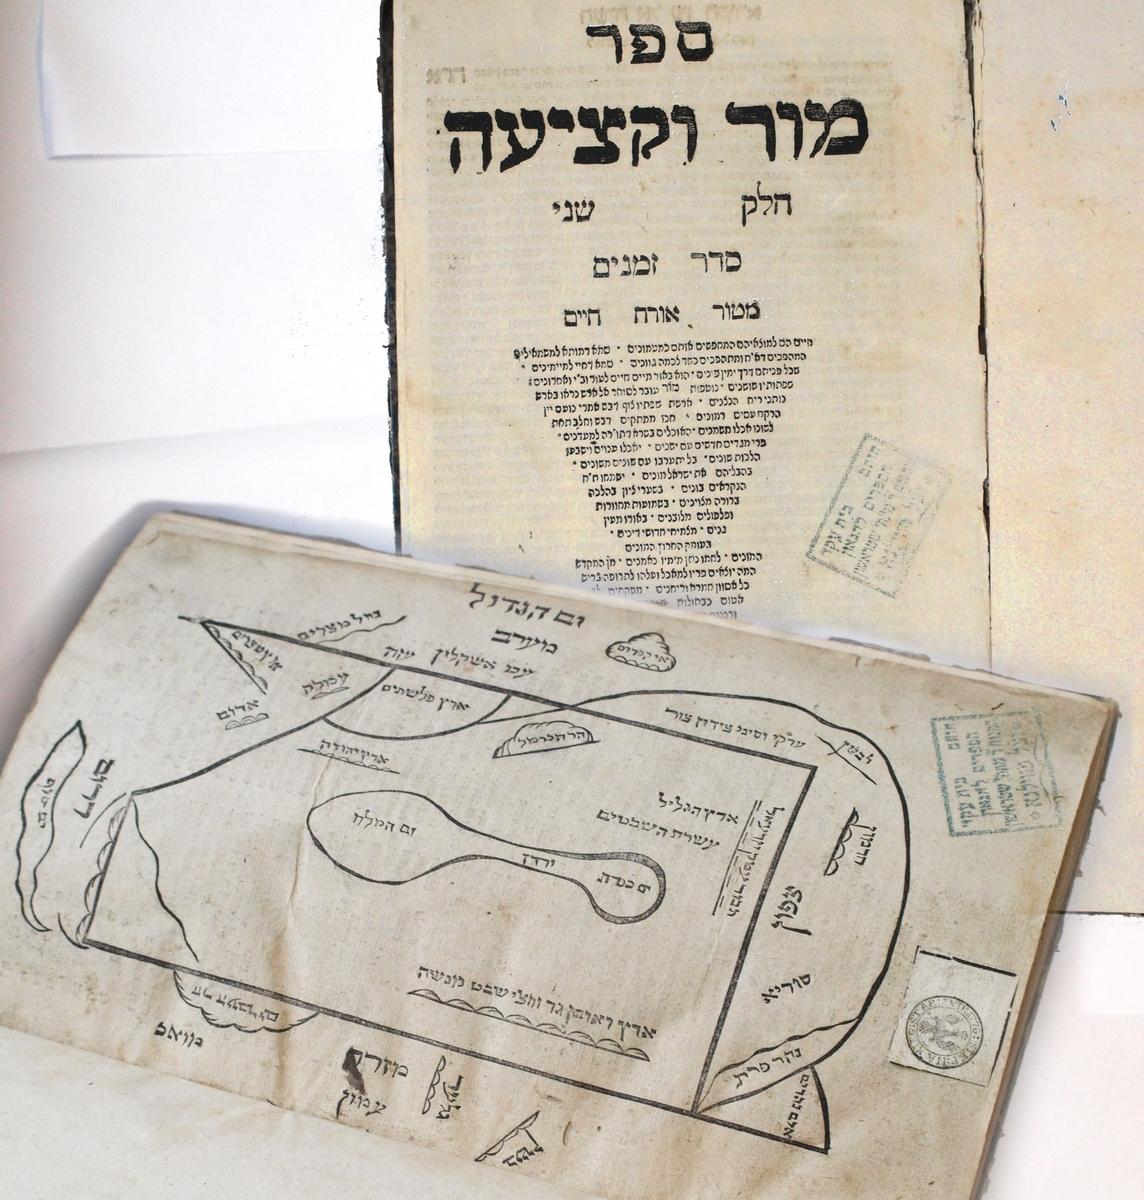 """Kelios seniausios knygos iš M. Strašuno asmeninės kolekcijos, kuri tapo viešosios Strašuno bibliotekos pagrindu.<br /> Jokūbas Emdenas. """"Mor u-ketsia"""" (hebr. Mira ir cinamonas). <br /> Altona, Jokūbo Emdeno spaustuvė, 1761."""